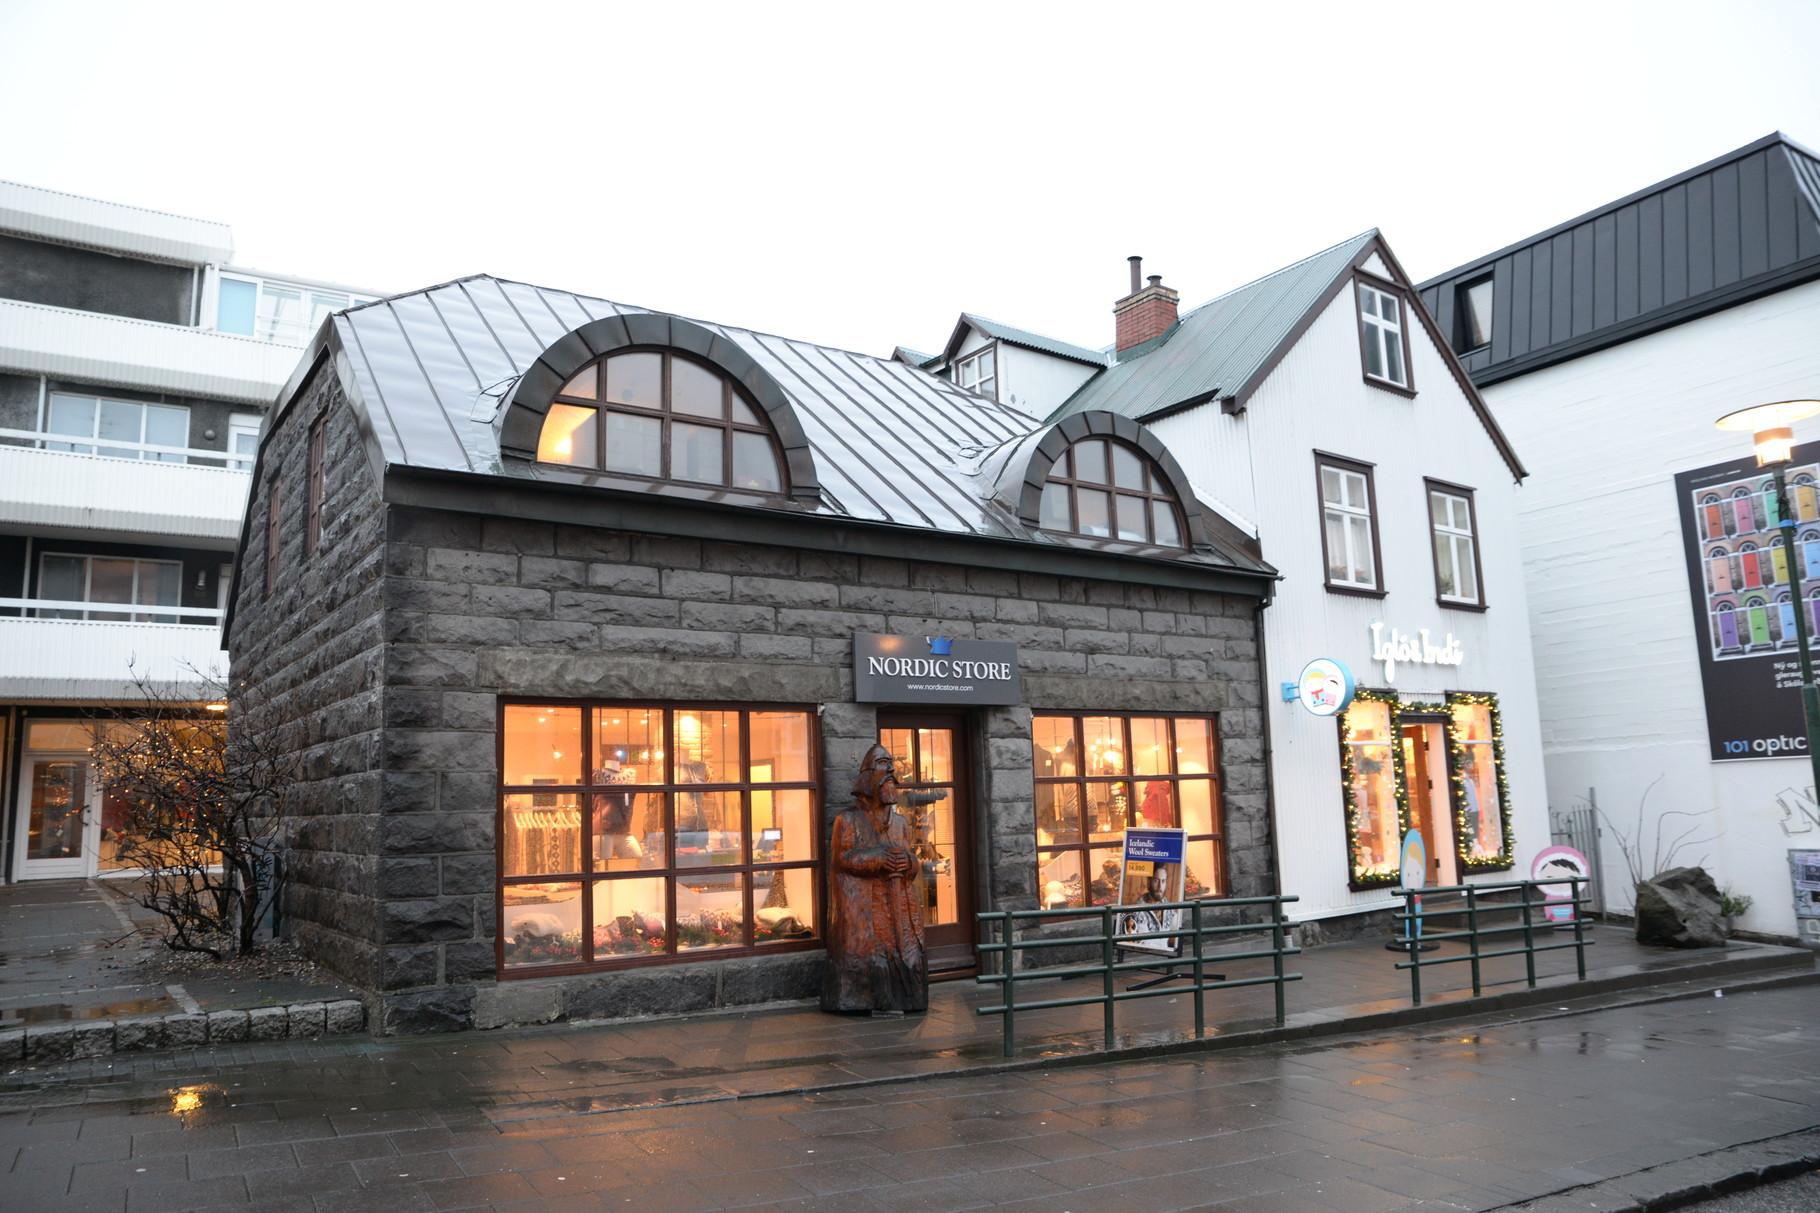 Typisch nordische Bauten